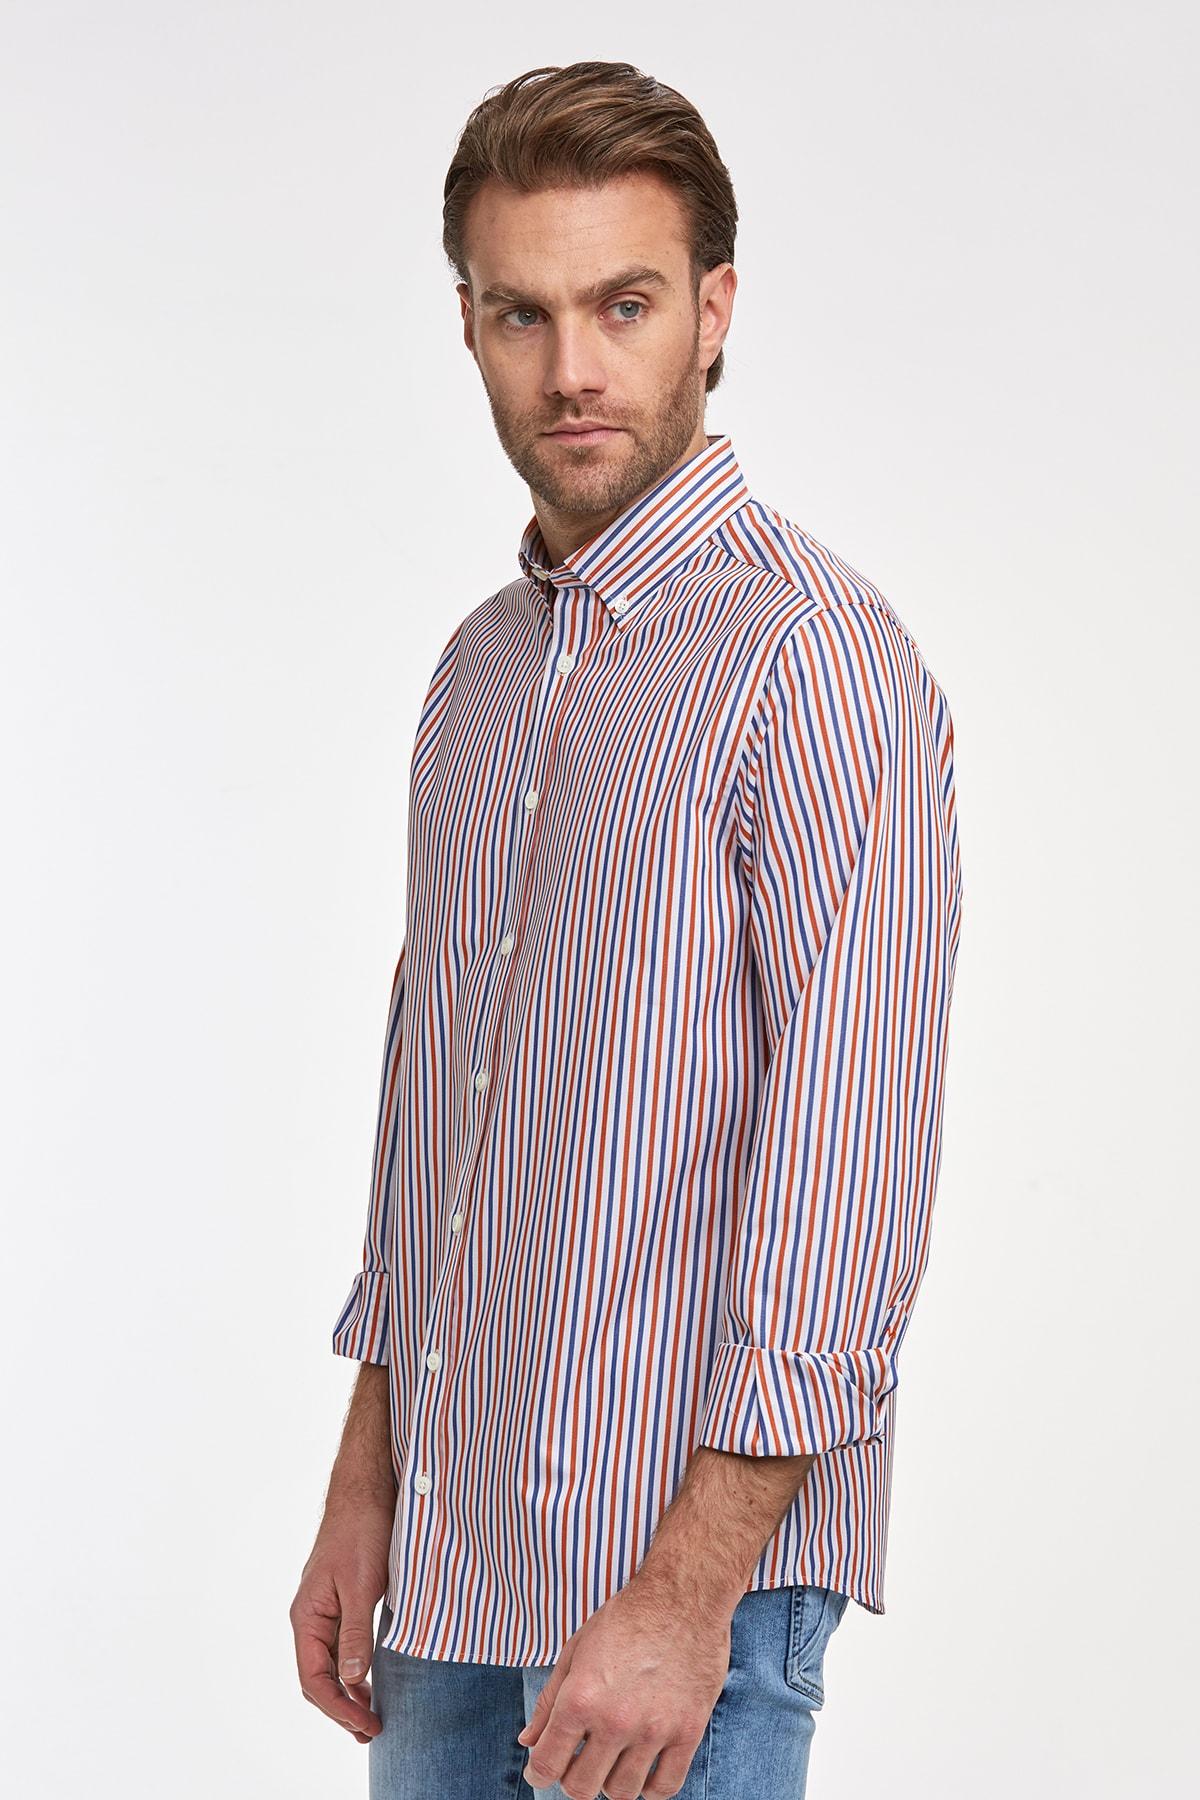 Hemington Kırmızı Mavi Çizgili Pamuk Spor Gömlek 1